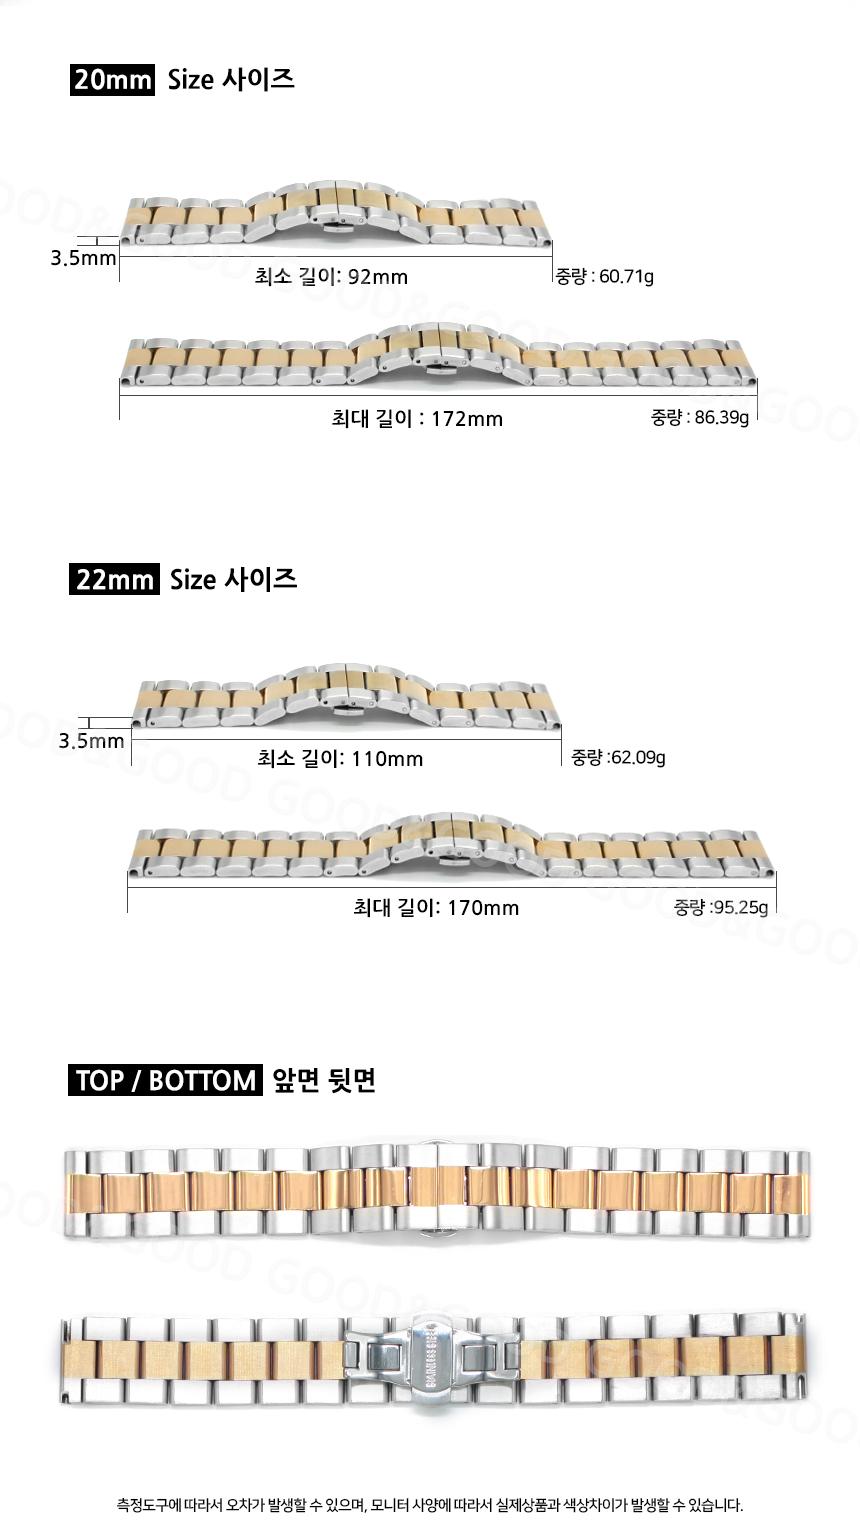 사이즈는 18mm 20mm 22mm 24mm 네가지 이며 20mm의 최대길이 172mm 22mm의 최대길이 170mm 입니다.